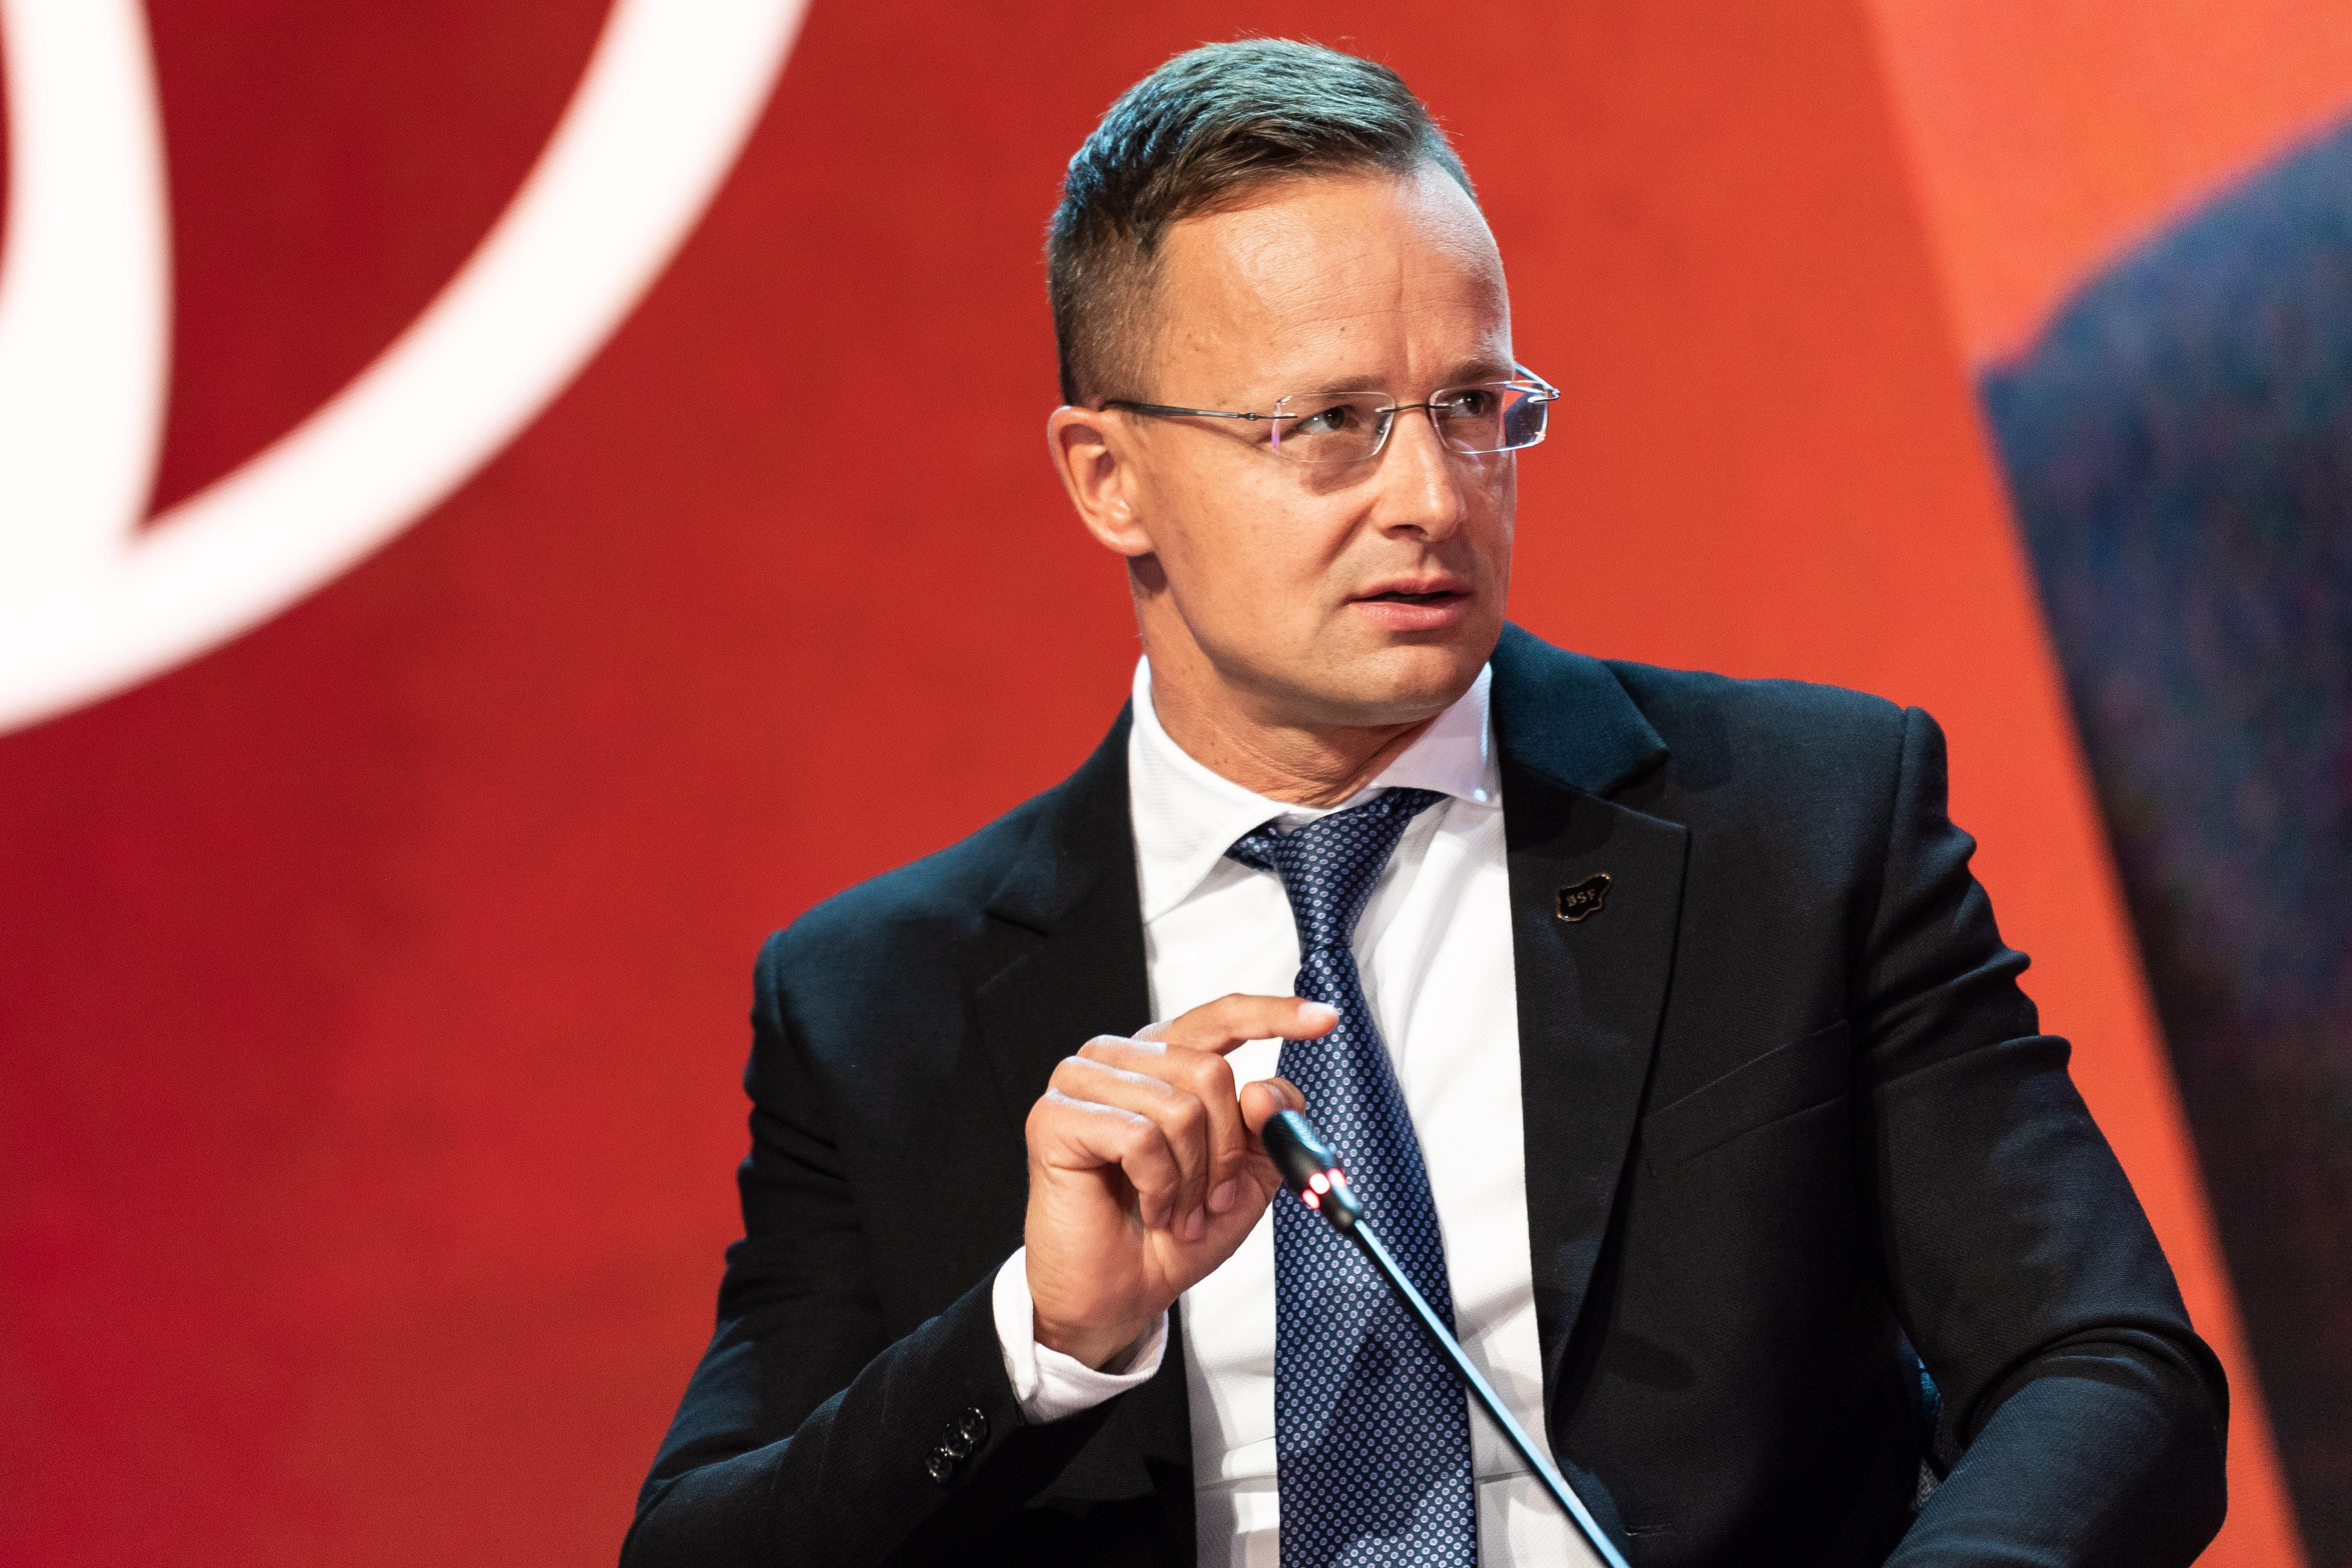 Szijjártó megkérdezte, milyen büntetést kapott a válogatott müncheni Eb-meccsén szivárványos zászlóval berohanó férfi